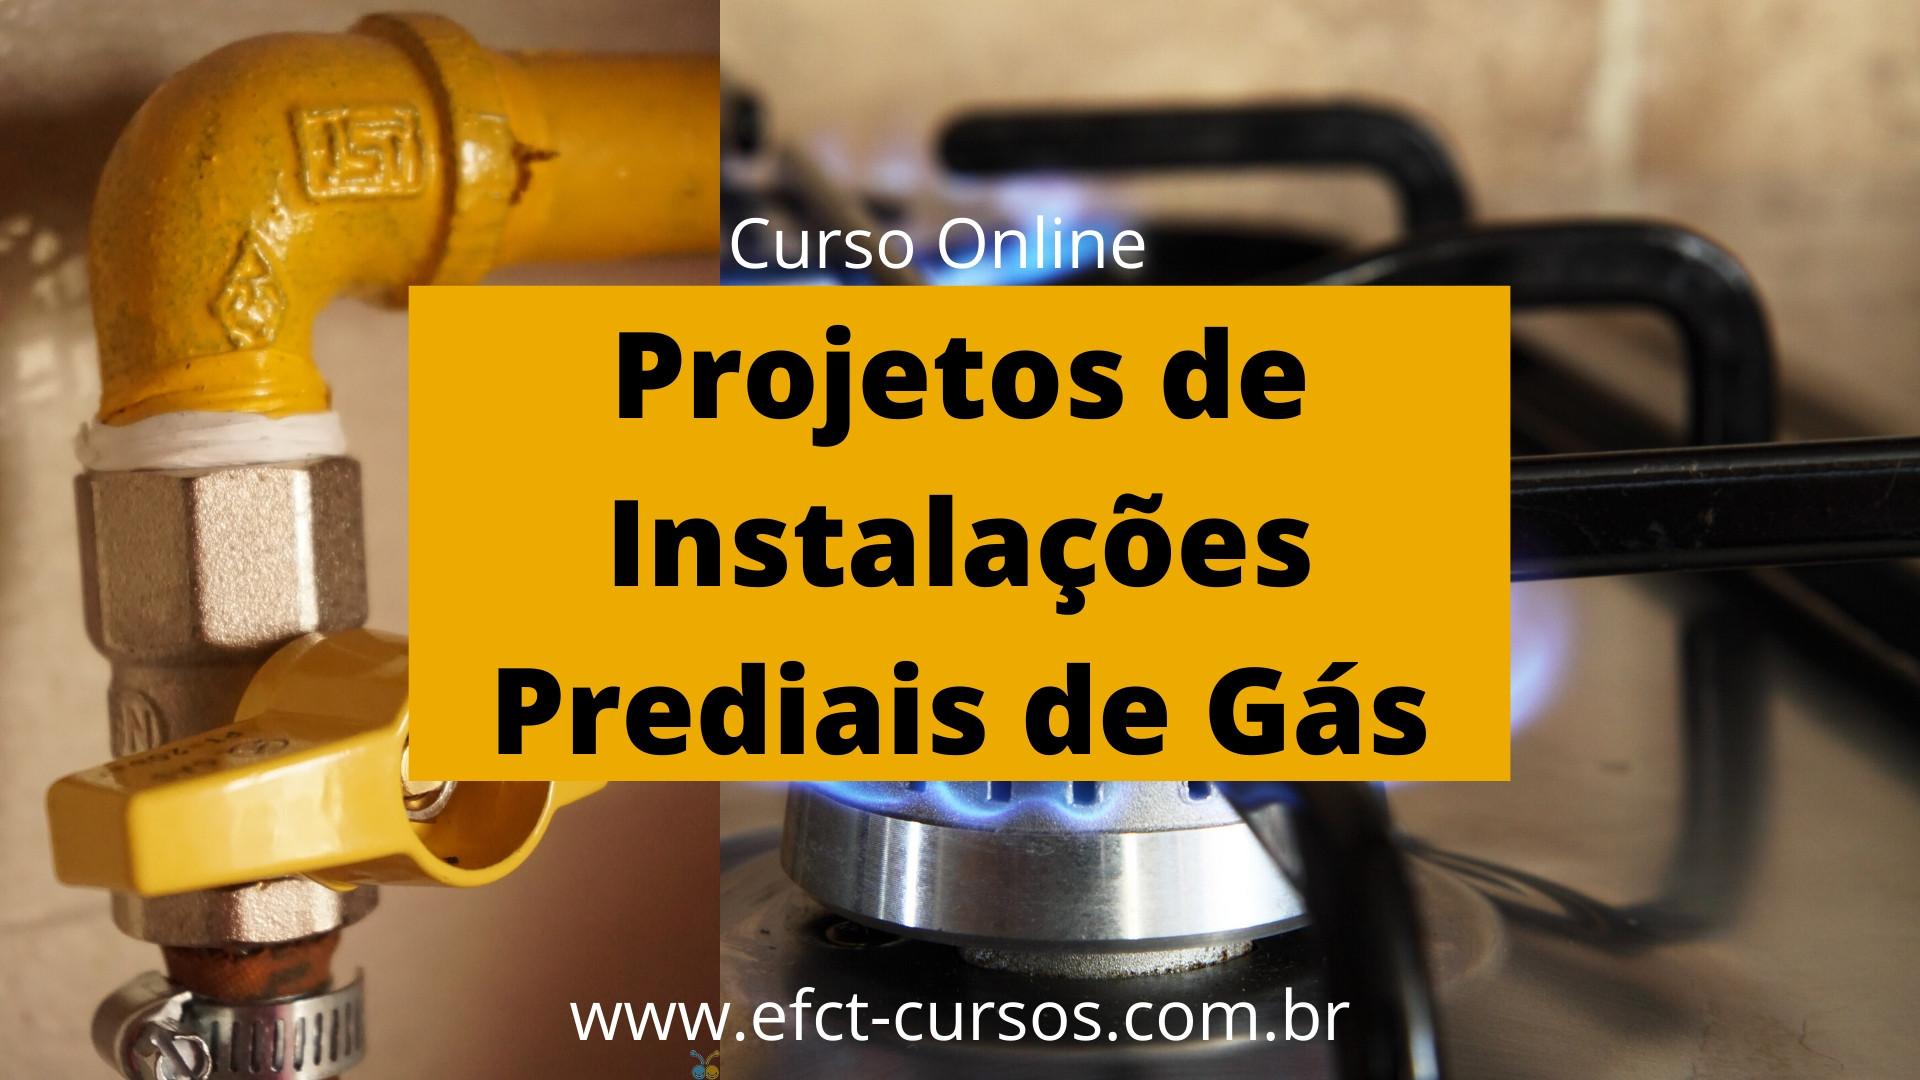 Curso Online - Projetos de Instalações Prediais de Gás